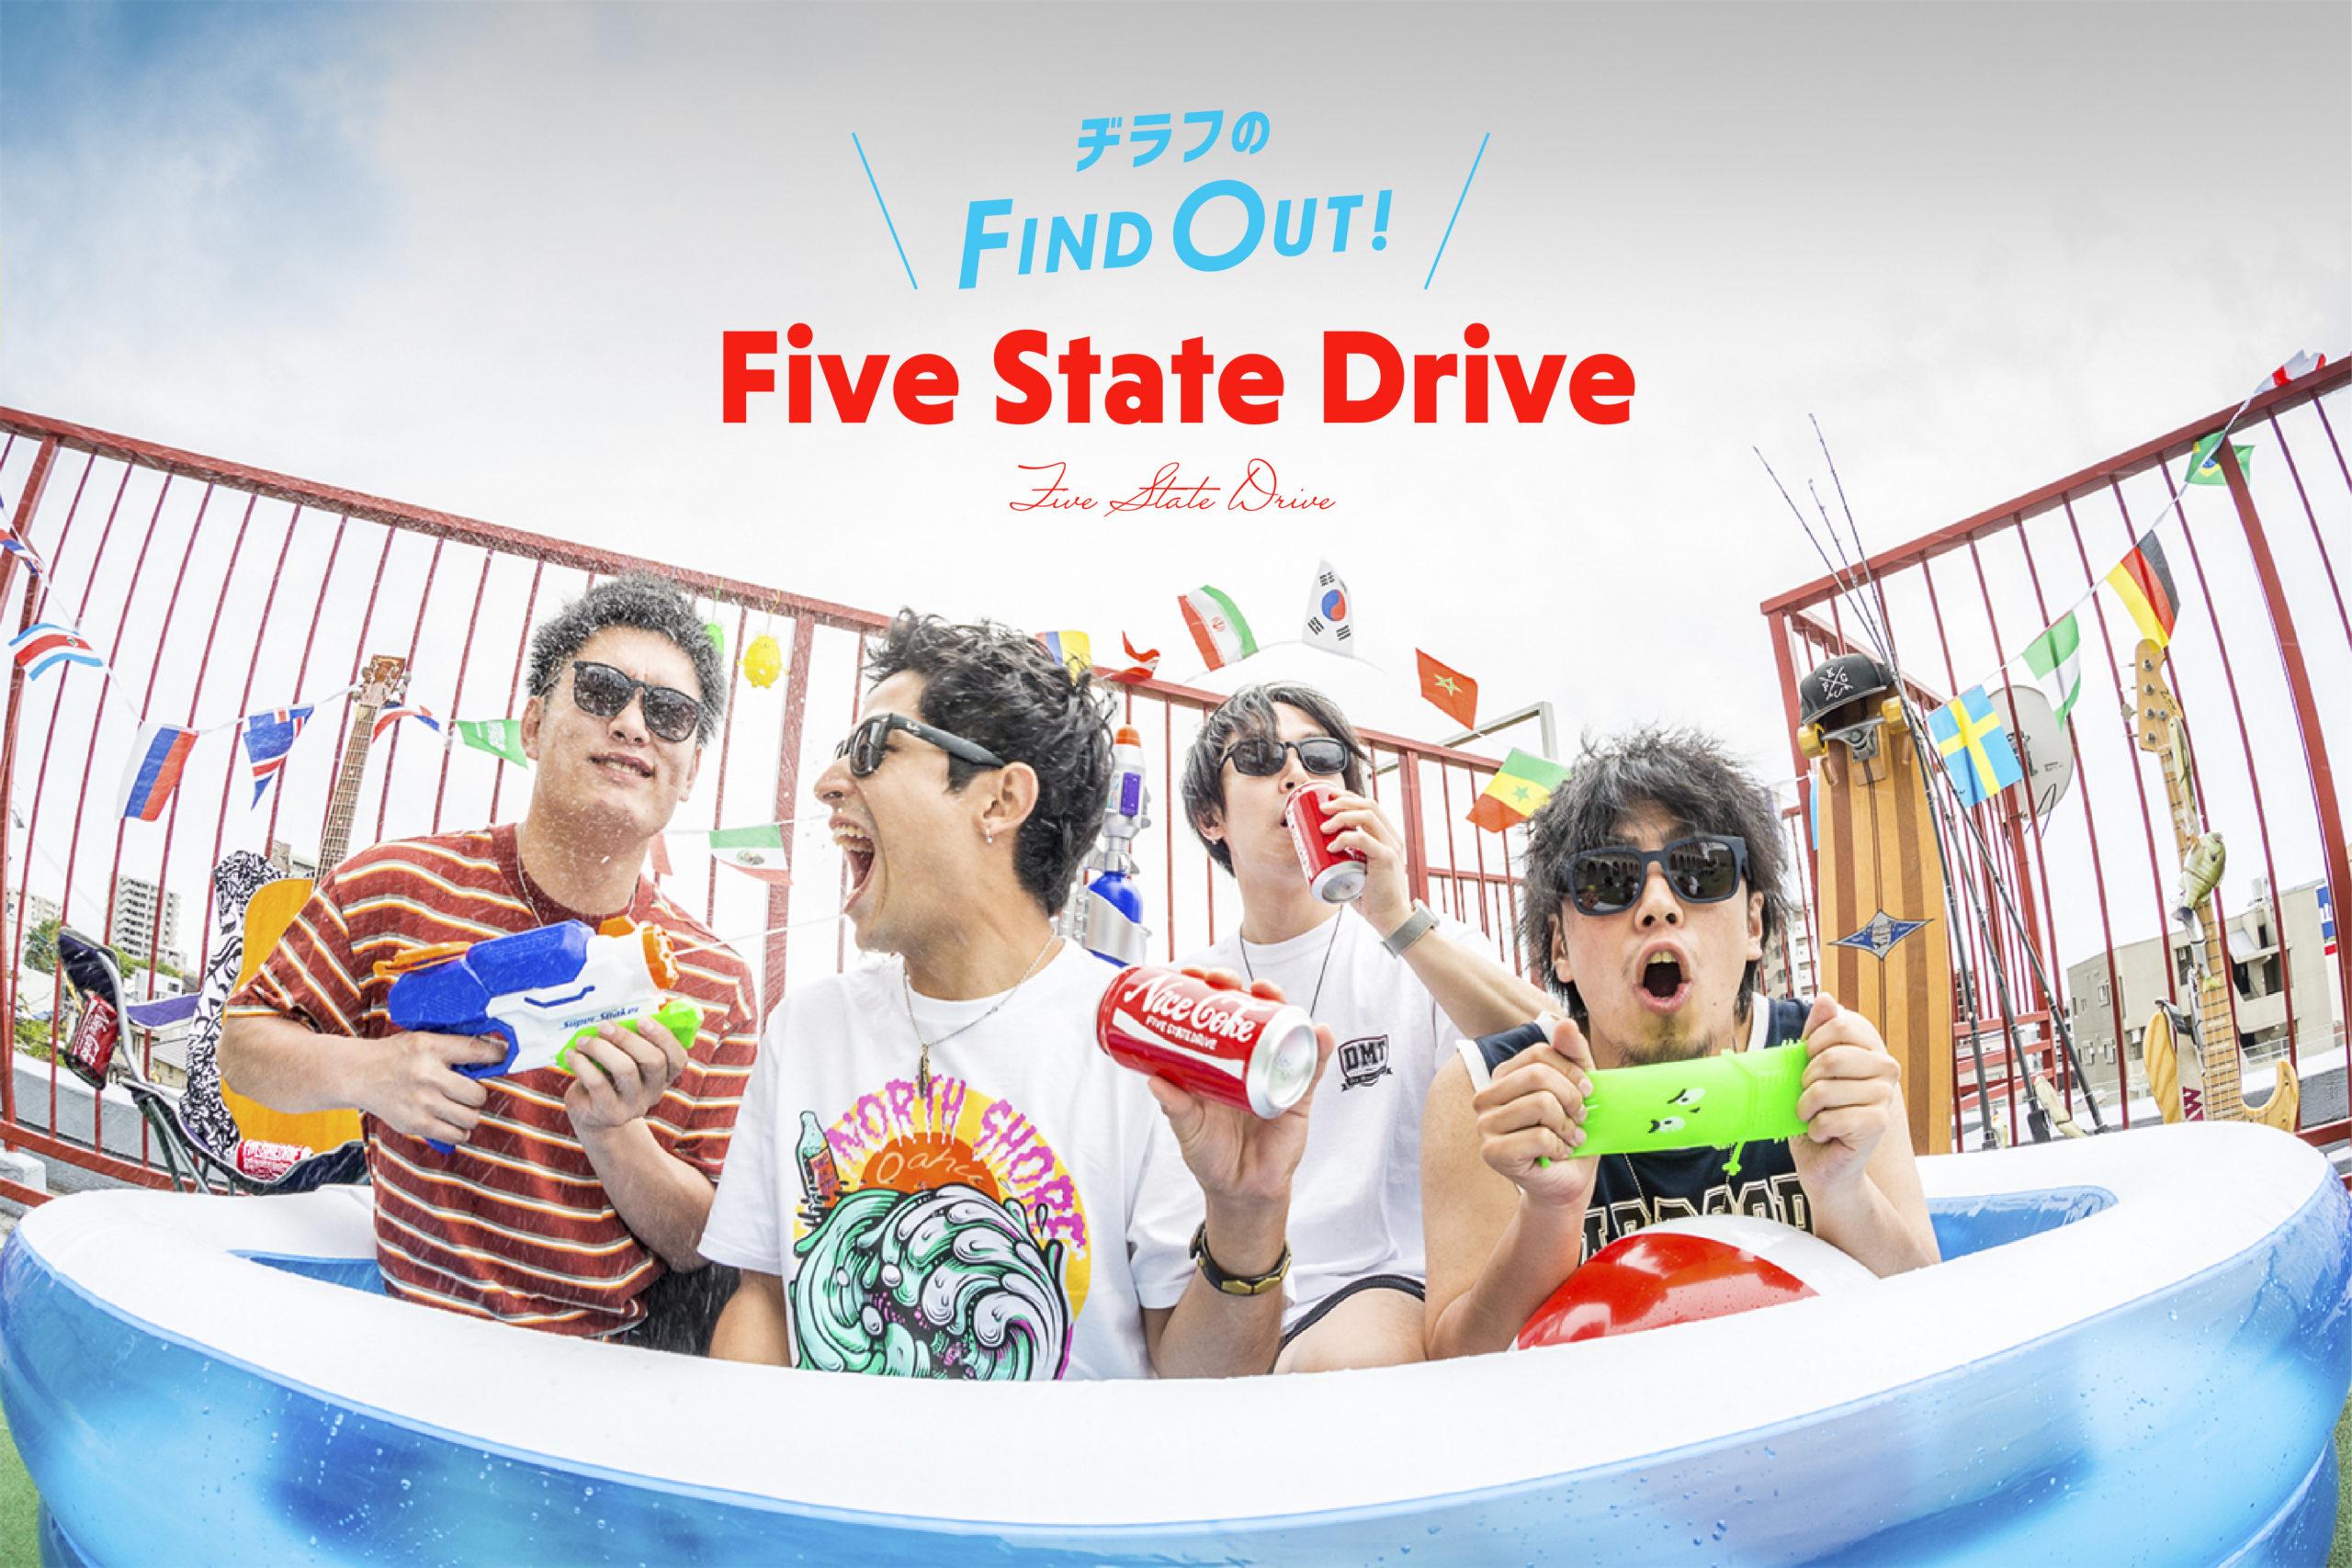 「【Five State Drive】からっぽな私たちへ贈る、灼熱のスカパンクワールド」のアイキャッチ画像